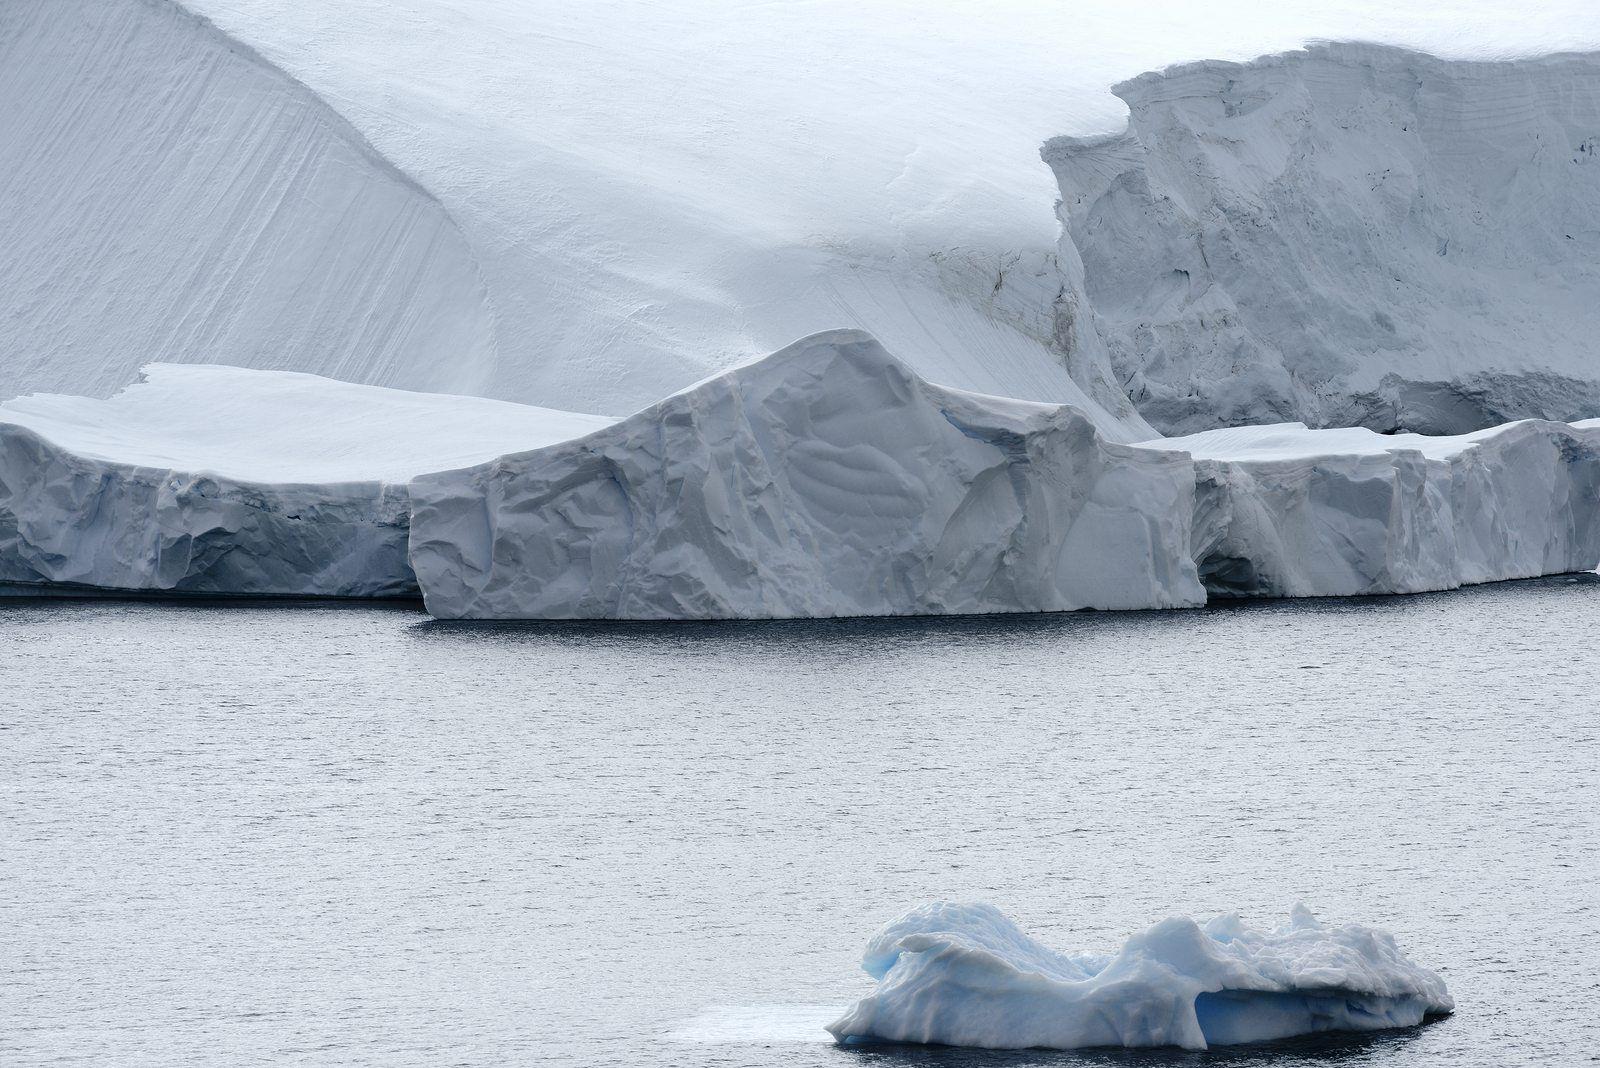 Iceberg twice size of Luxembourg breaks off Antarctic ice shelf